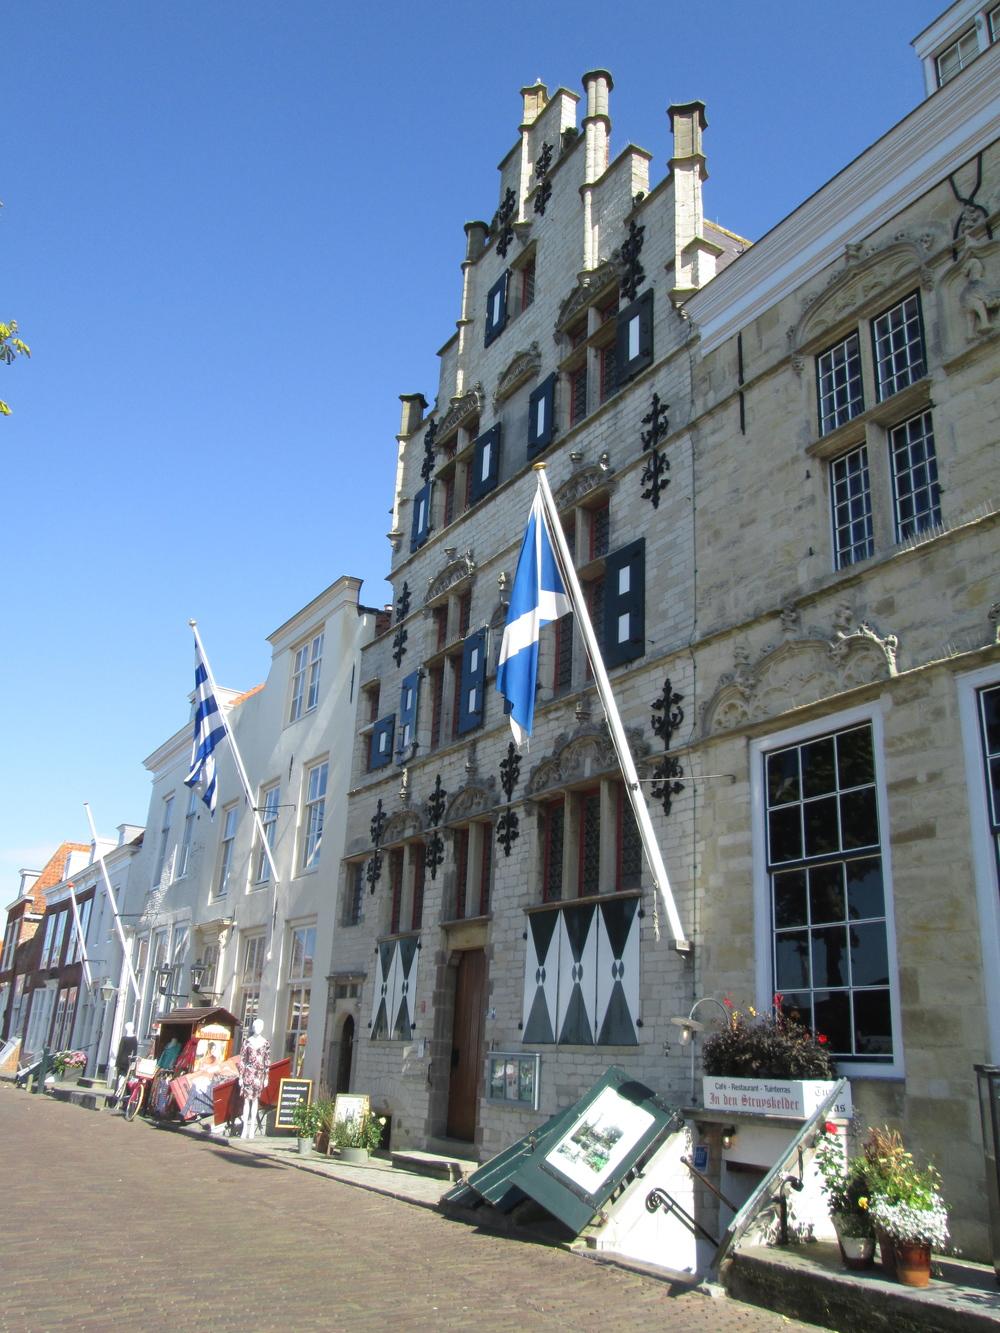 Schots huis 'De Struys', Veere   Bouwjaar:   Tweede helft zestiende eeuw  Bouwstijl:  Gotiek  Bouwtype:  Woonhuis